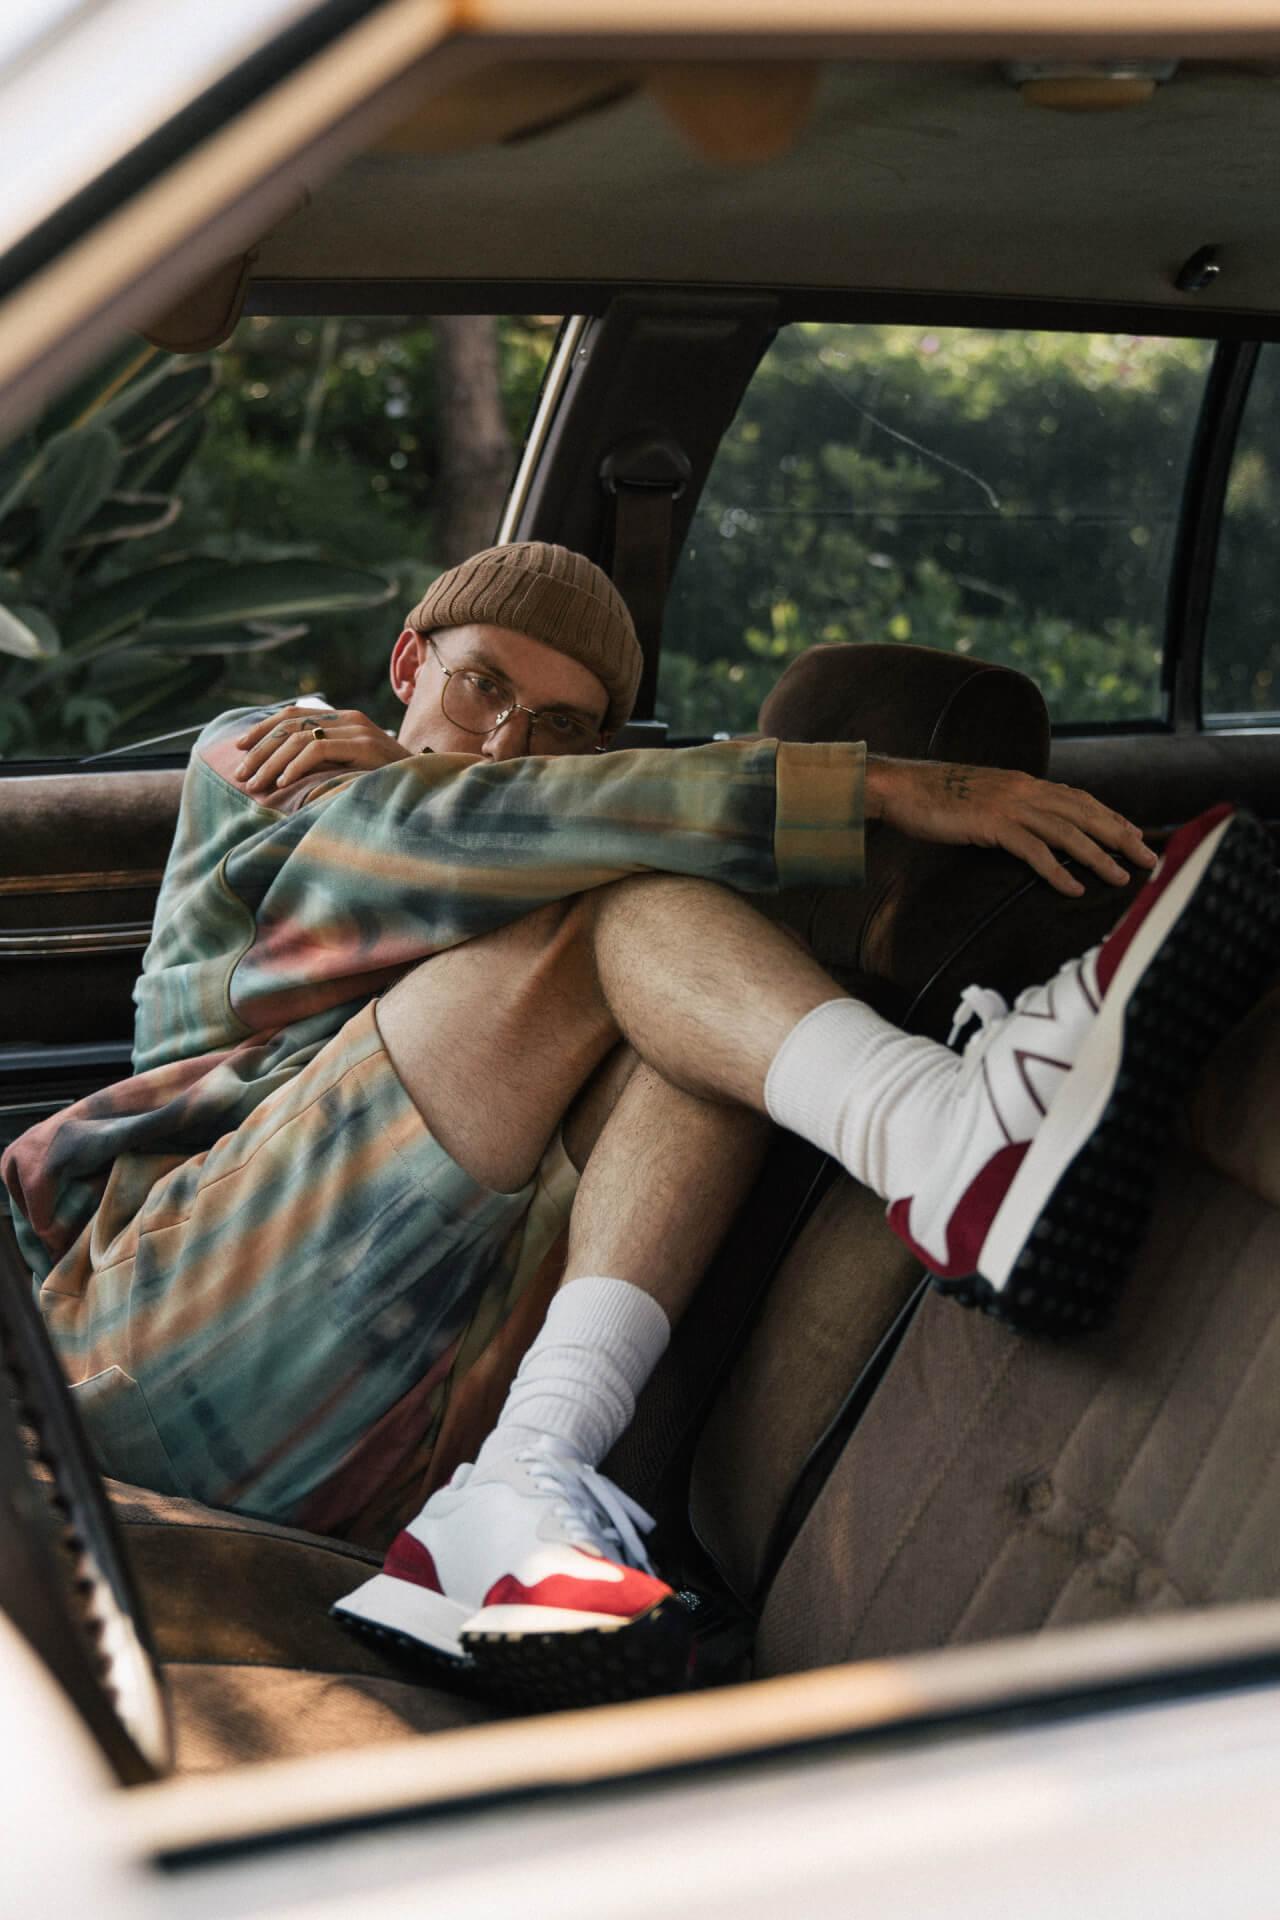 ニューバランスの人気モデル「327」に新色『327 primary pack』が登場!キャンペーンビジュアルにはハリー・ハドソンを起用 fashion20128_newbalance_327primarypack_12